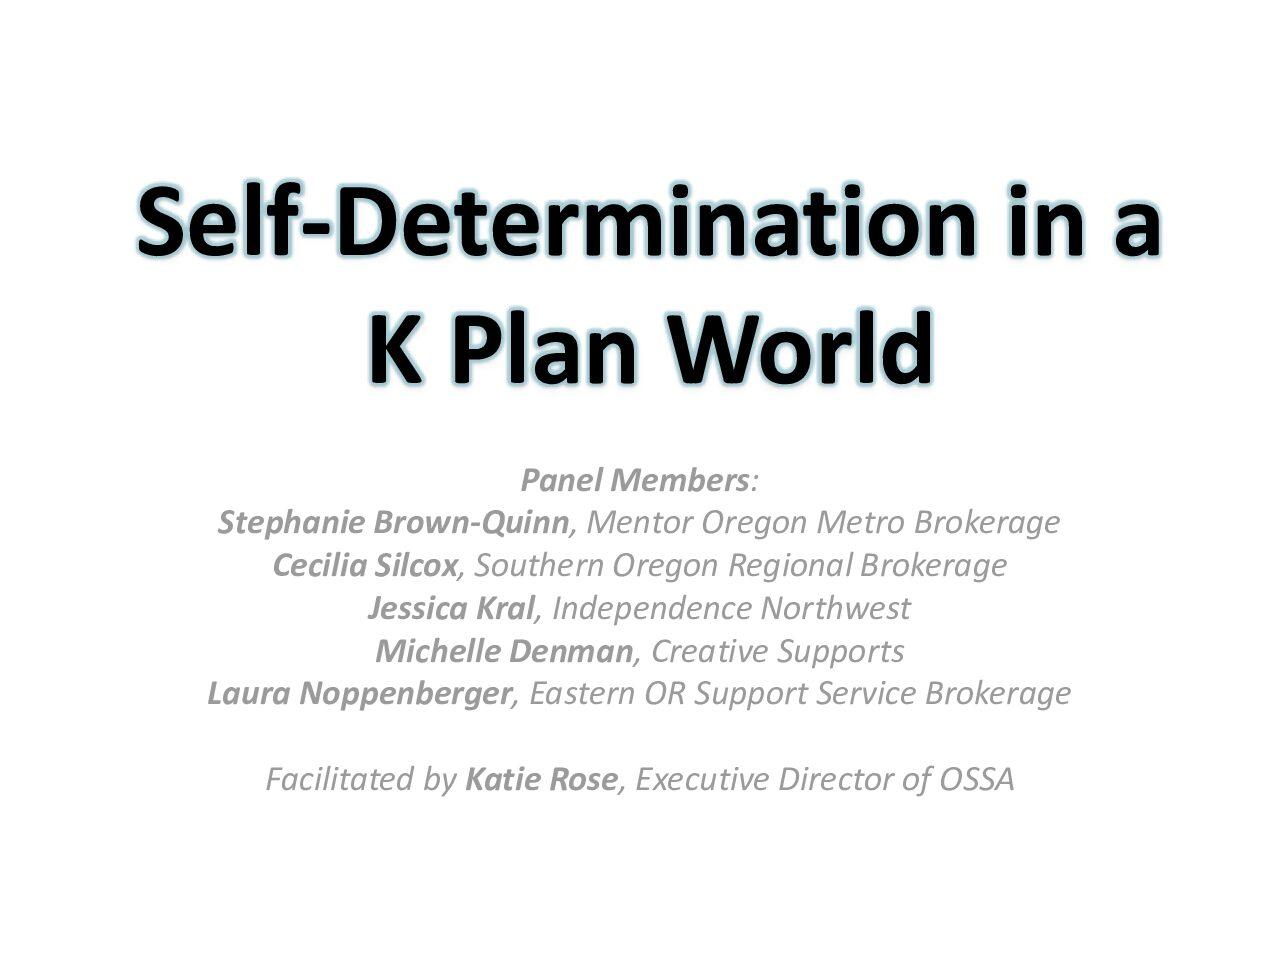 Self-Determination in a K Plan World